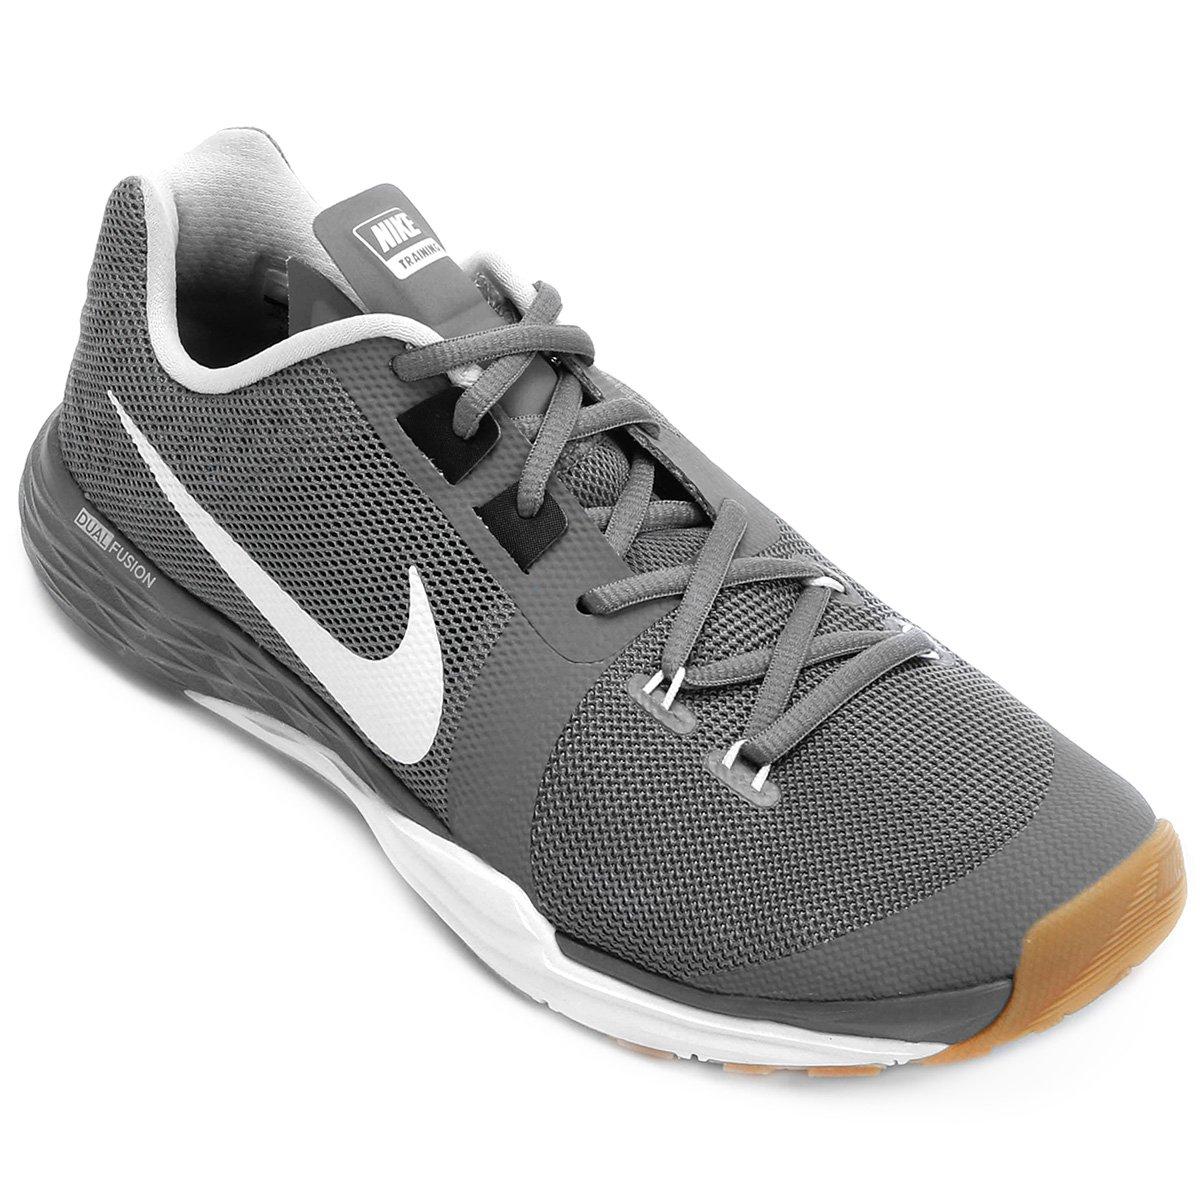 e9f58b1d09 Tênis Nike Train Prime Iron DF 832219-010 - Cinza - Calçados Online ...